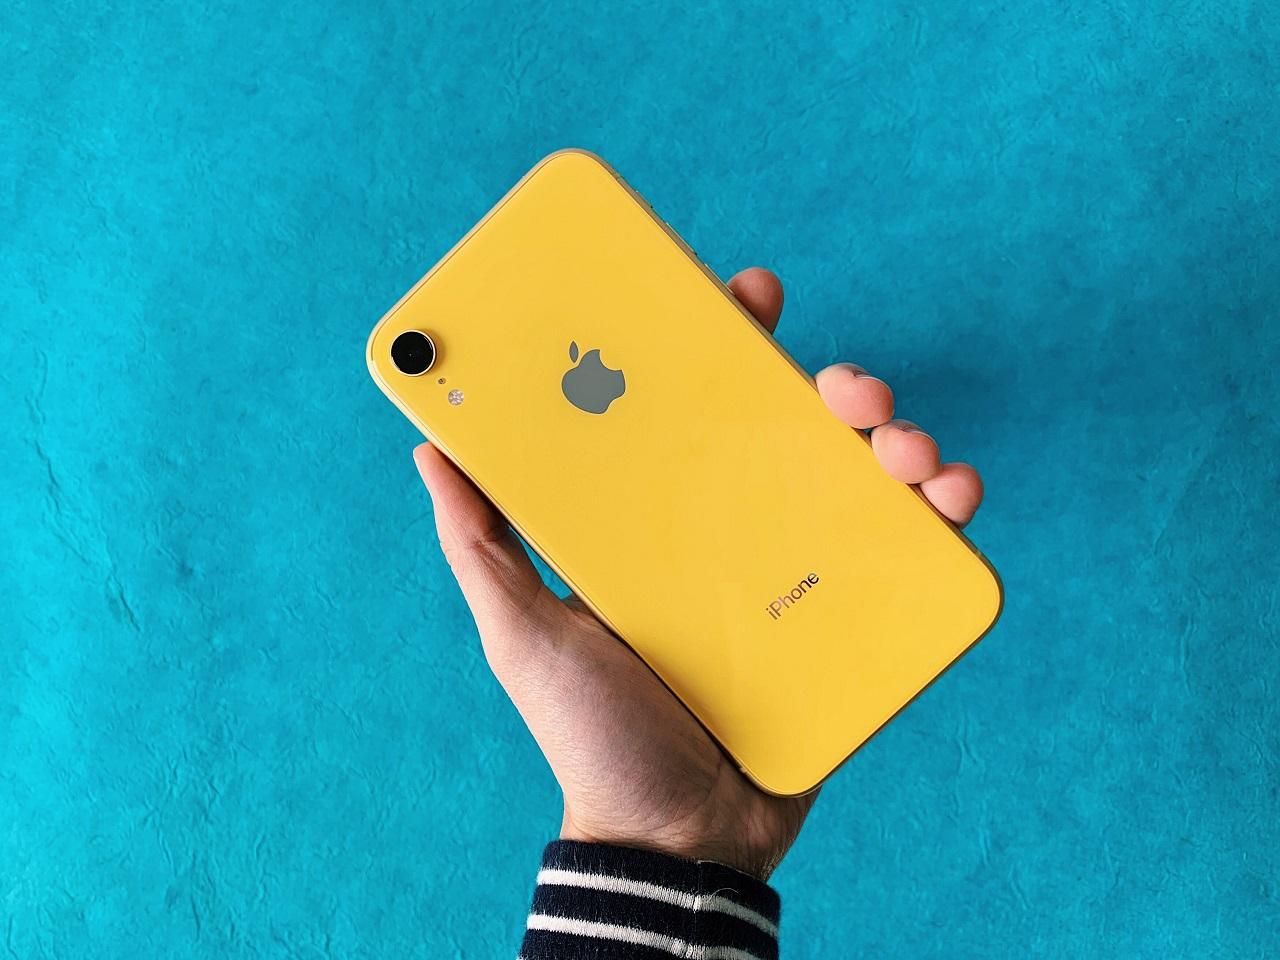 После выхода iPhone 12 Apple снизит ценник iPhone 11 и уберет из продажи iPhone XR и iPhone 11 Pro